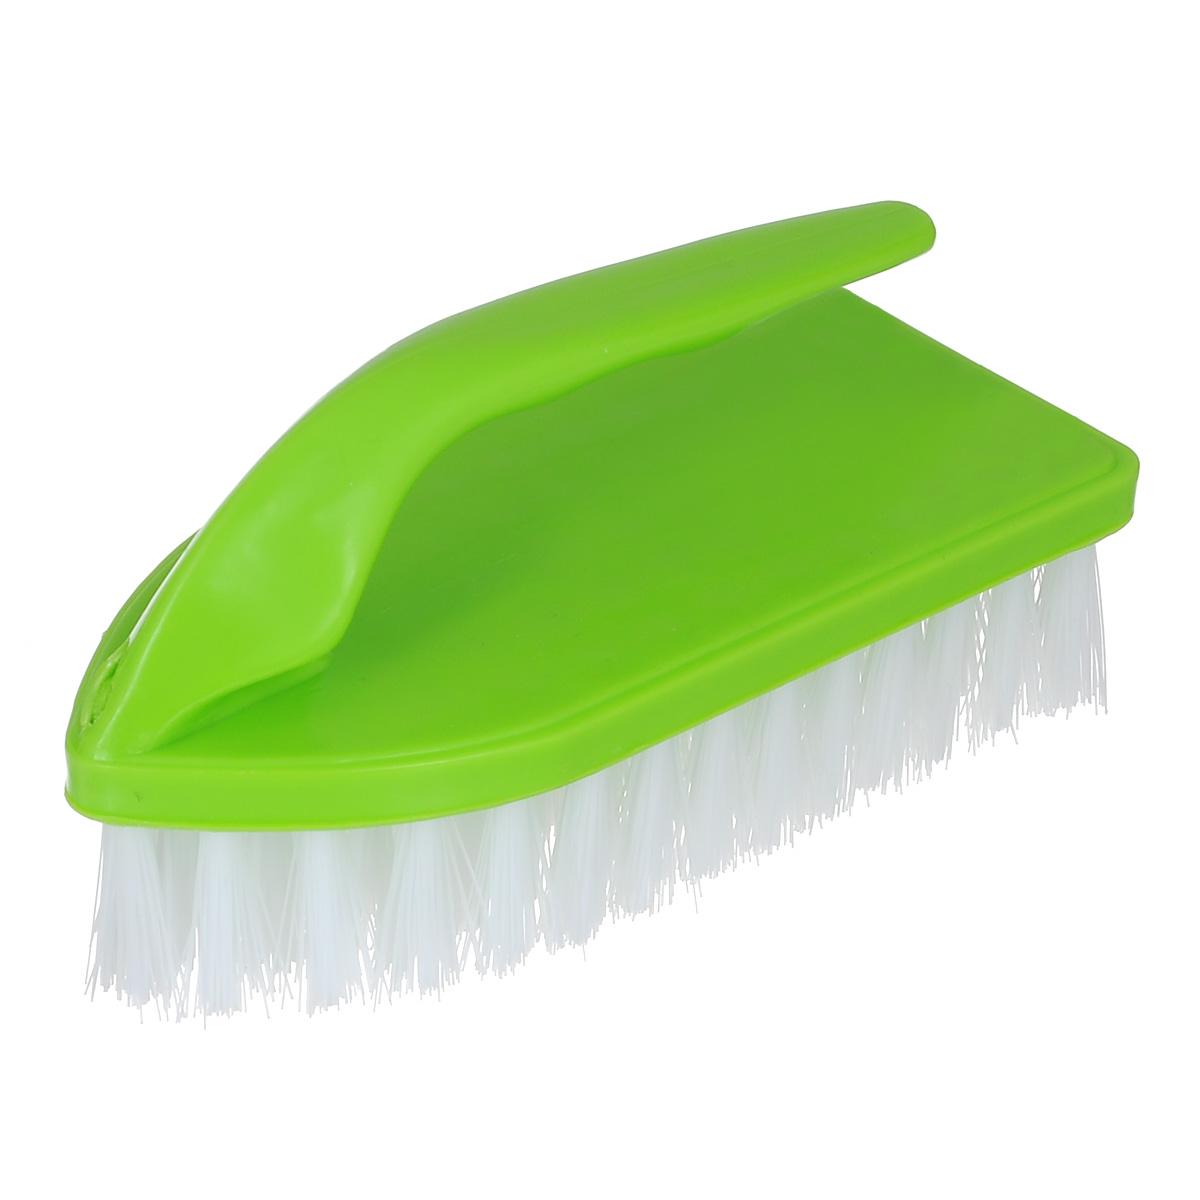 Щетка Home Queen Утюг, универсальная, цвет: салатовый. 8383Щетка Home Queen Утюг, выполненная из полипропилена и нейлона, является универсальной щеткой для очистки поверхностей ванной комнаты и кухни. Оснащена удобной ручкой. Длина ворсинок: 3 см.